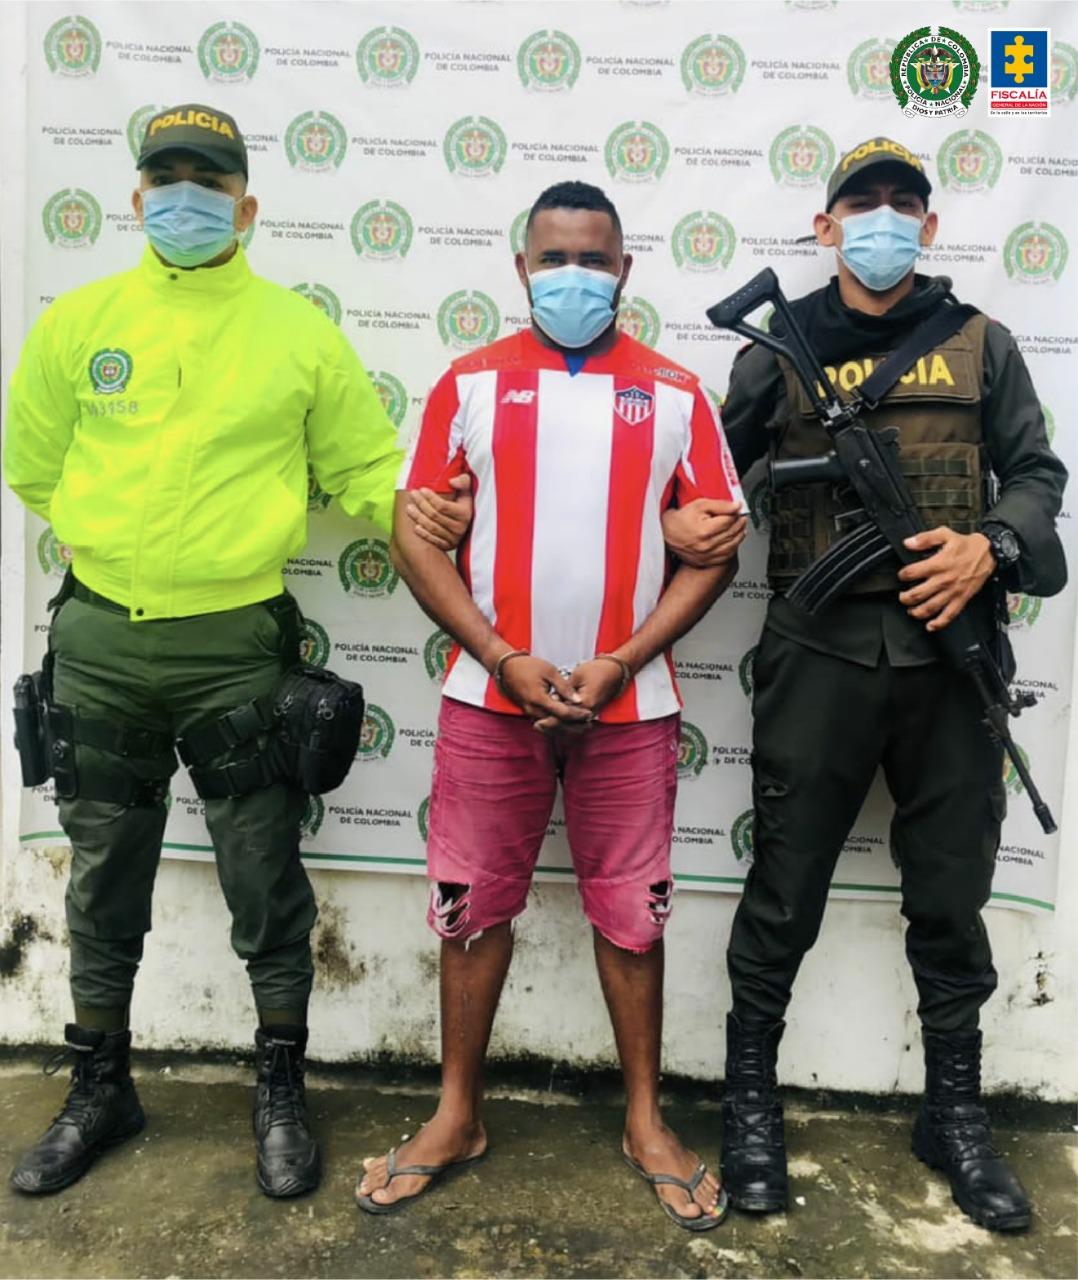 A prisión hombre que presuntamente asesinó a otro en Majagual (Sucre) - Noticias de Colombia